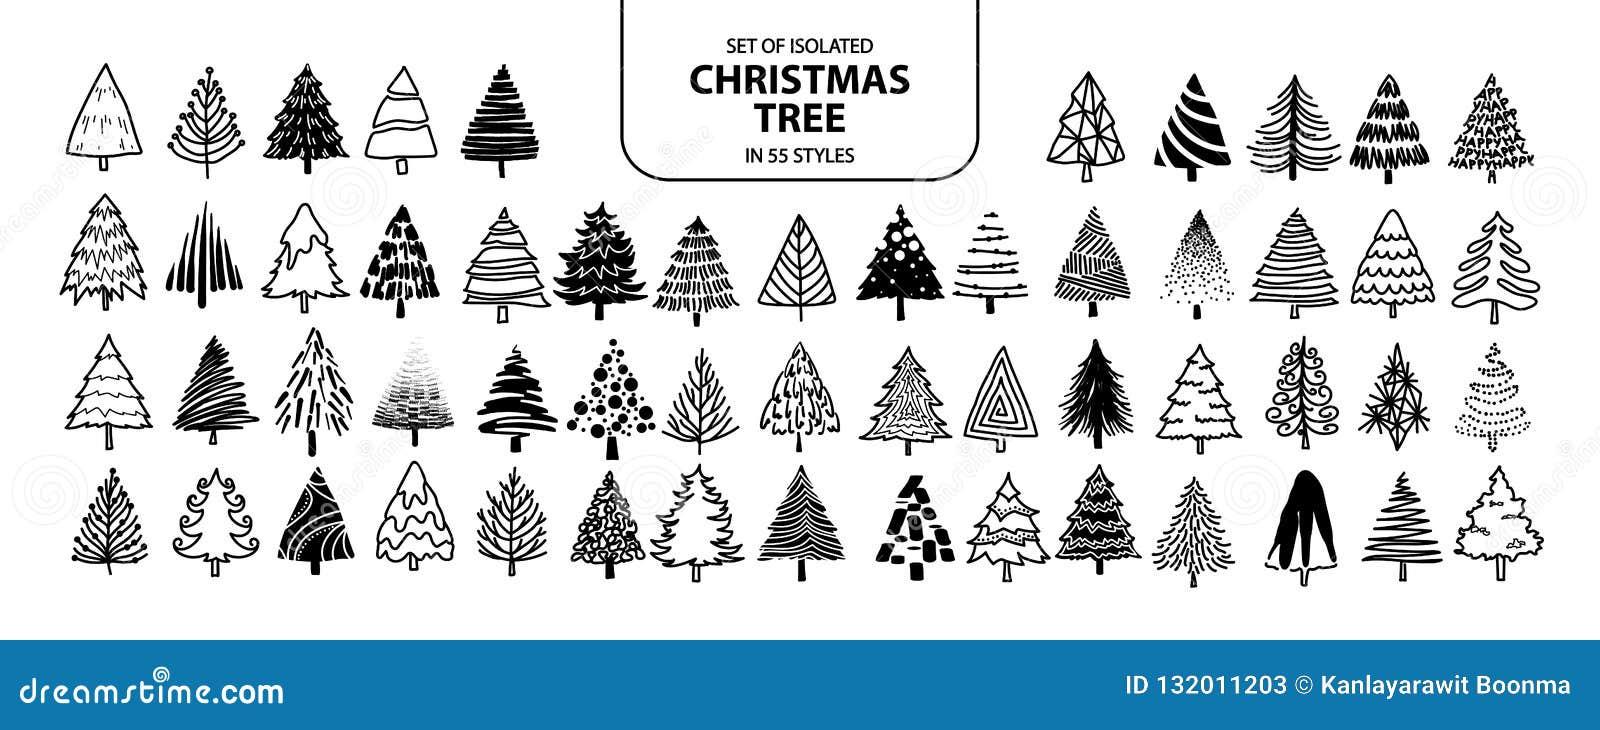 Fije del árbol de navidad aislado en 55 estilos